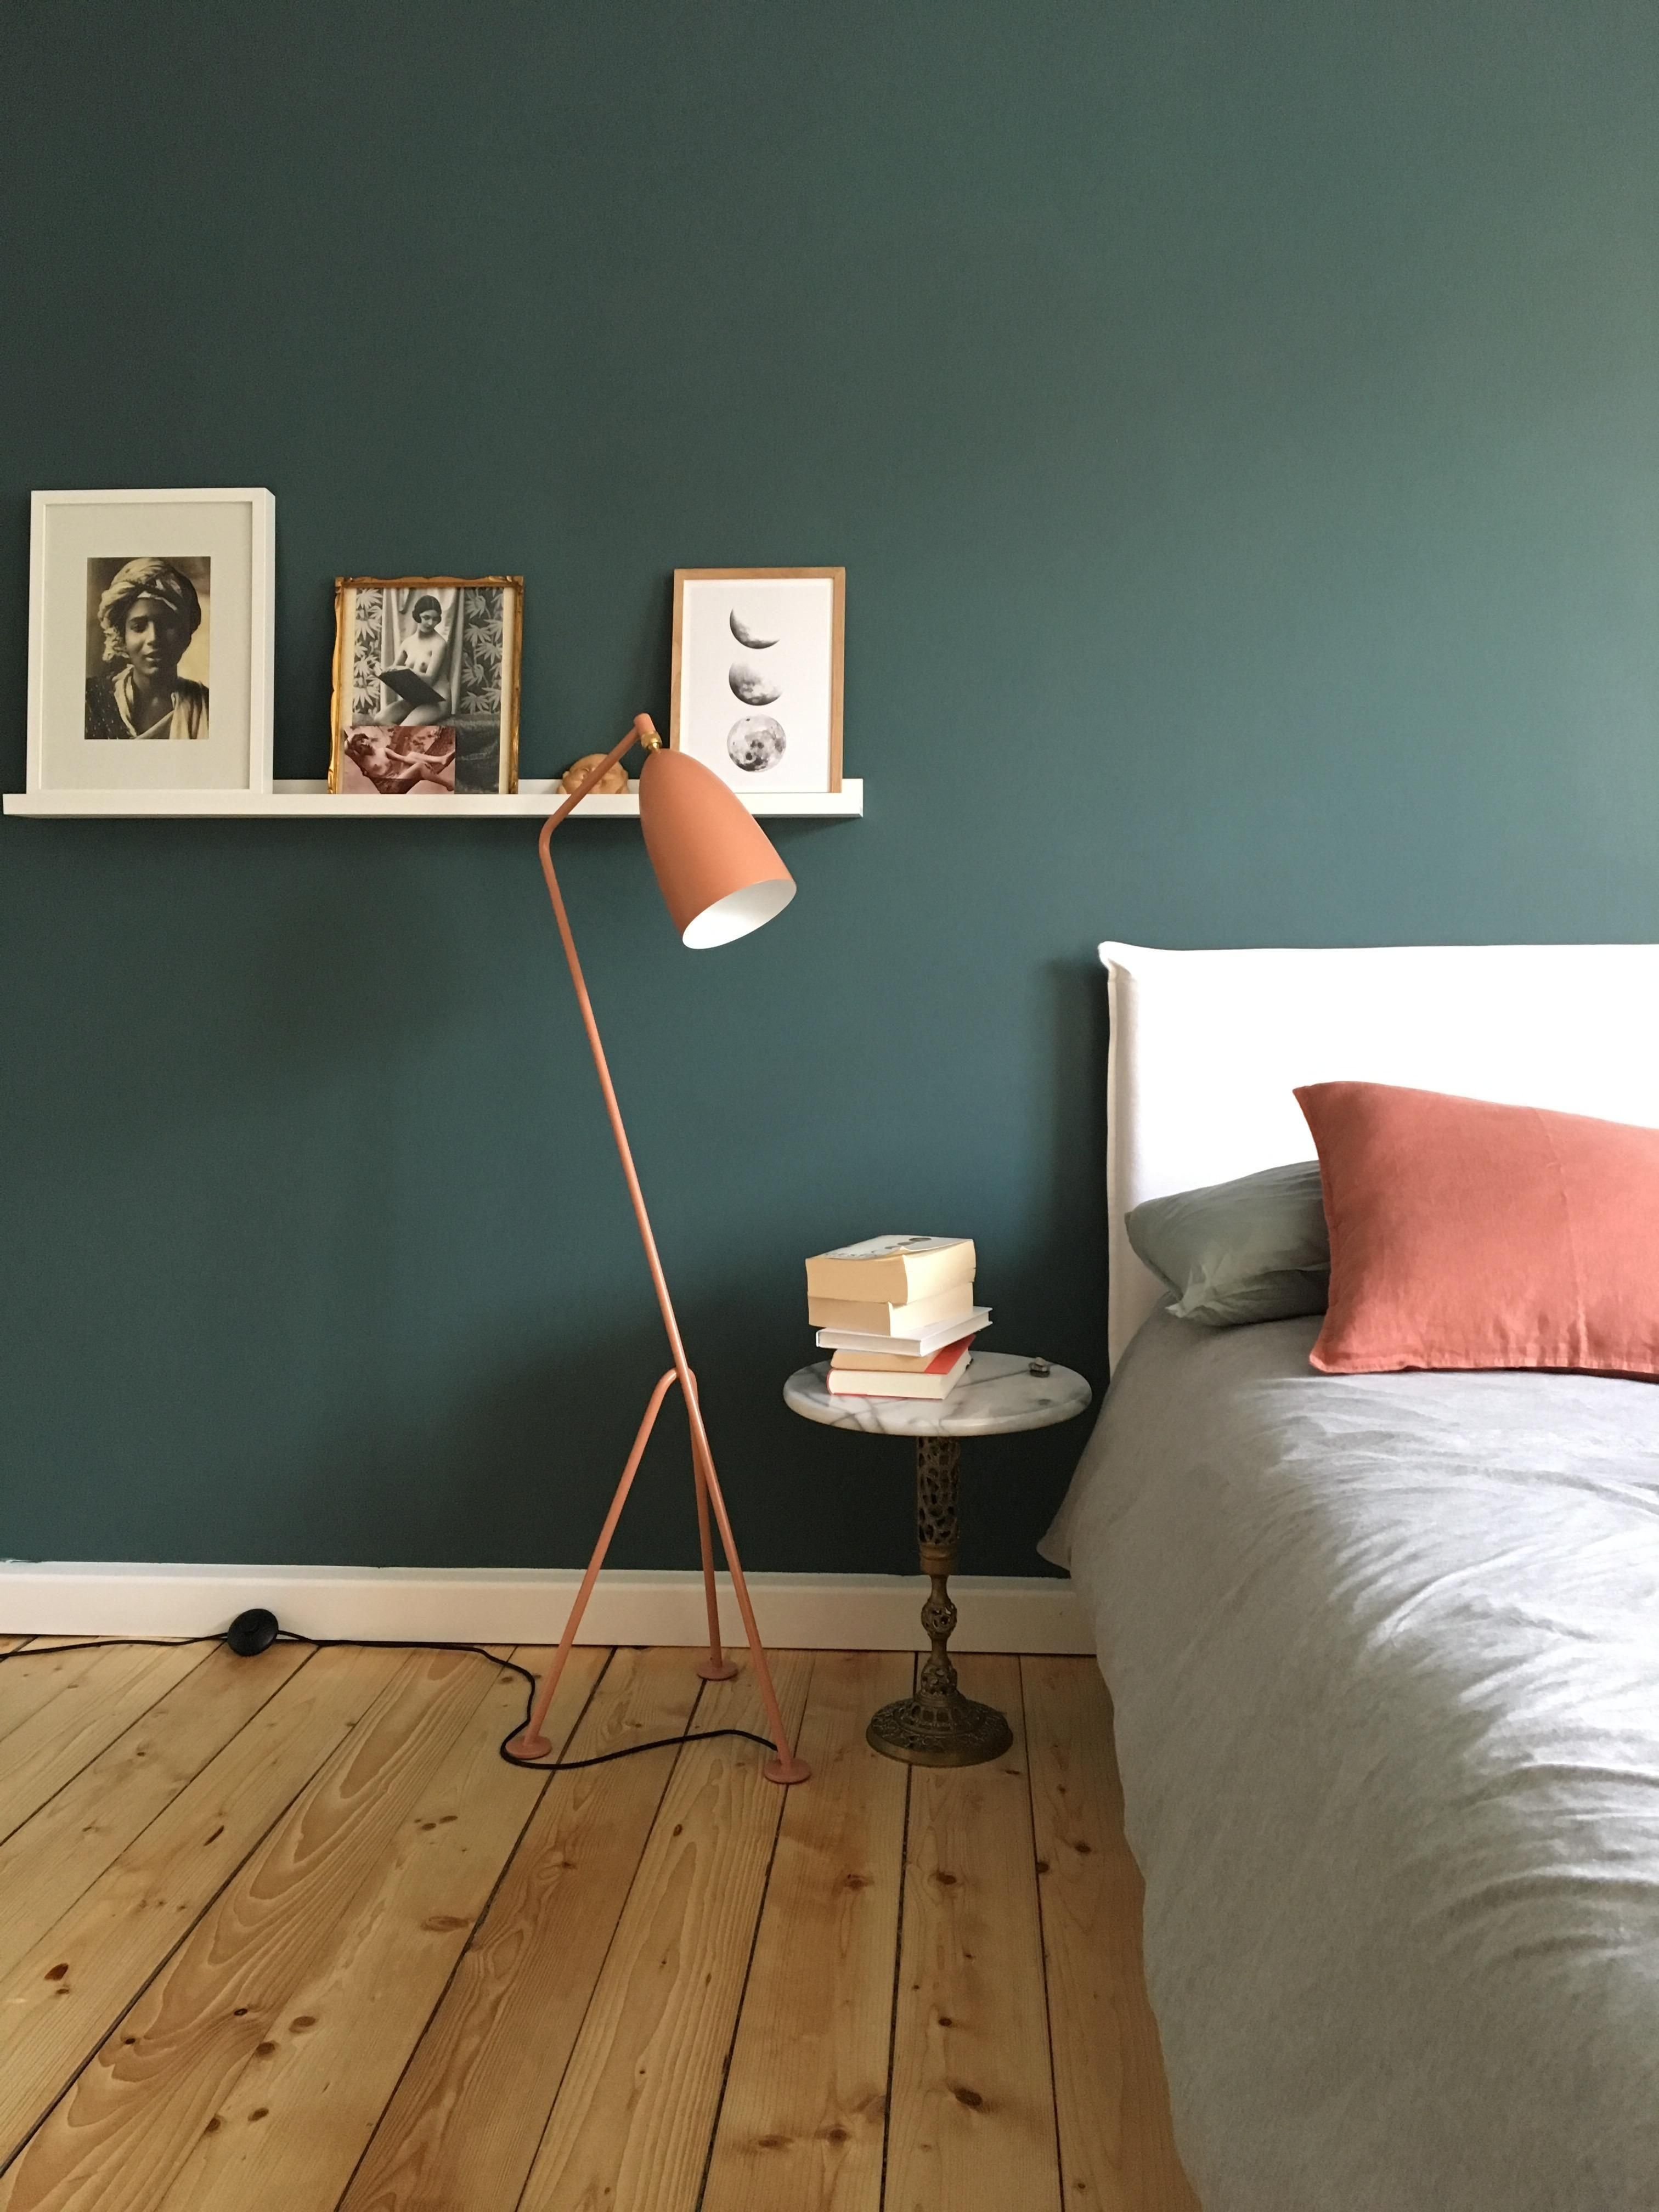 Schlafzimmer gr neliebe vintage boho inte farben for Grune wandfarbe schlafzimmer